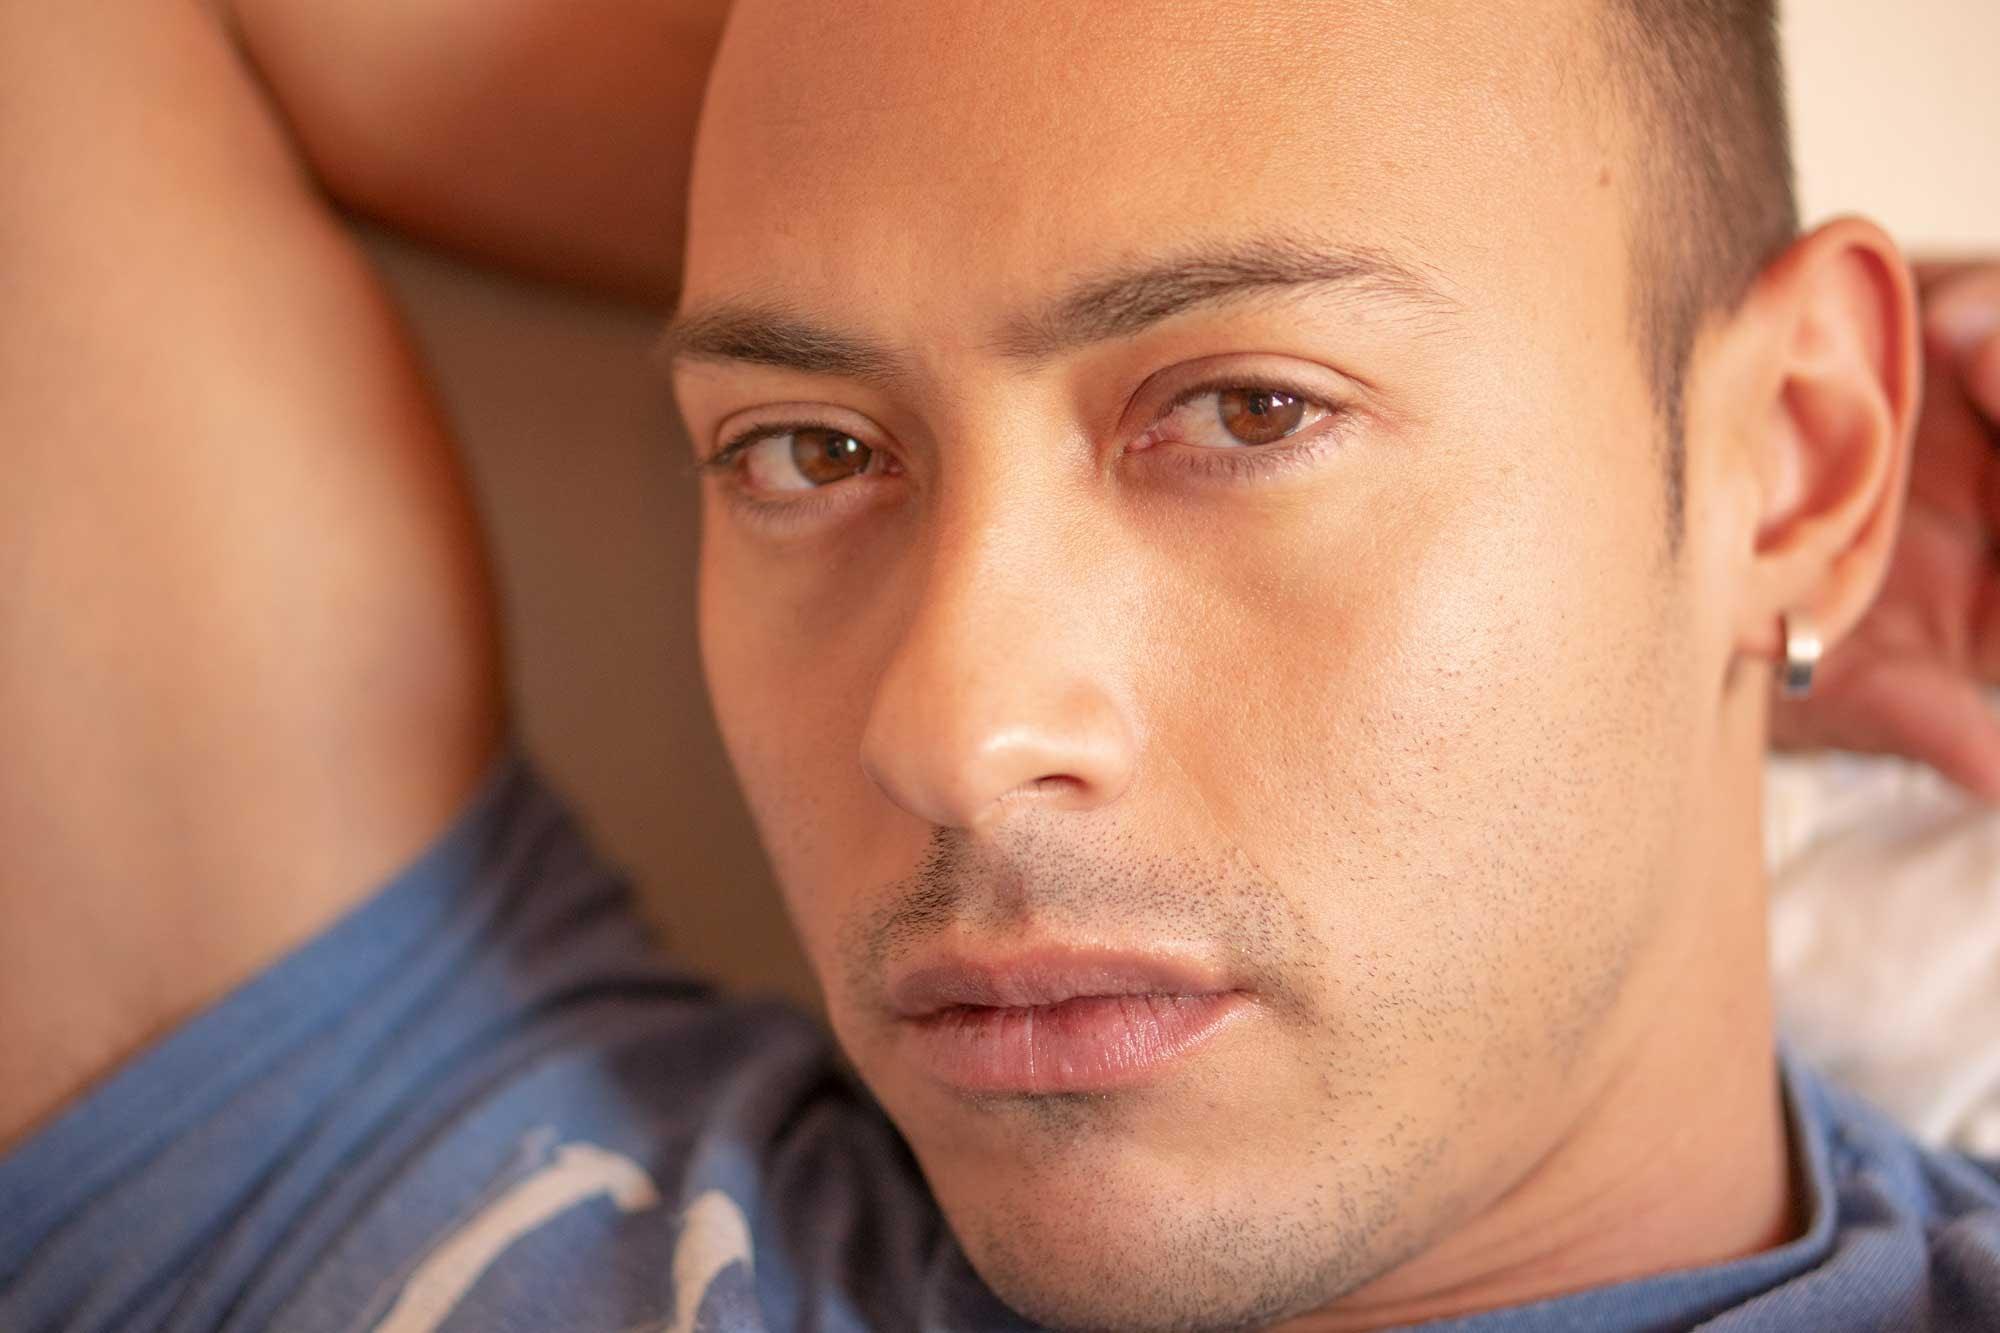 Go to Ronald Rivas's profile